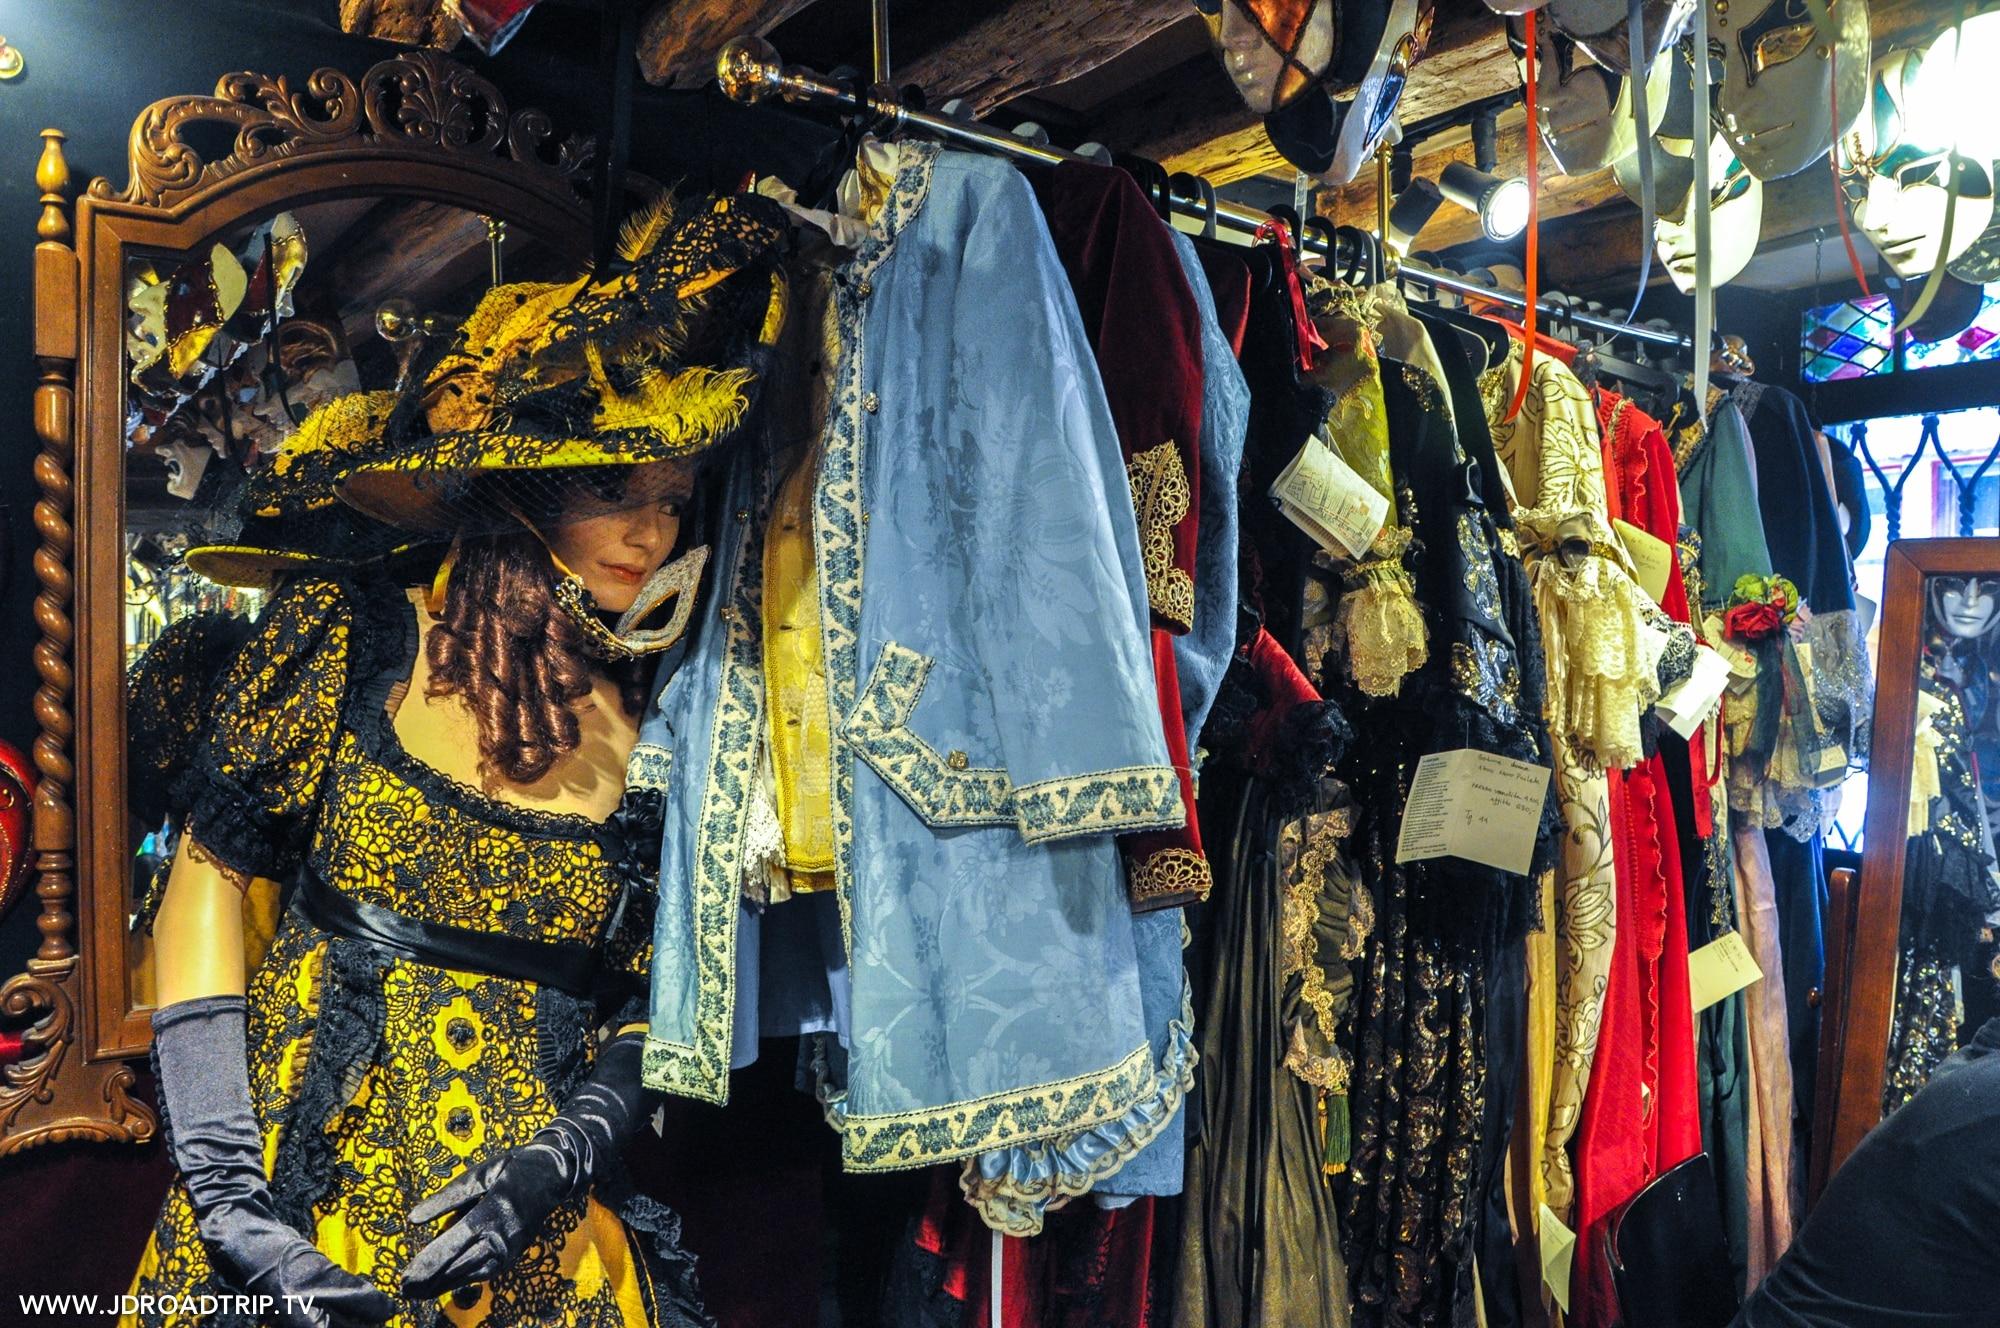 Visiter Venise en 3 jours - Carnaval Venise